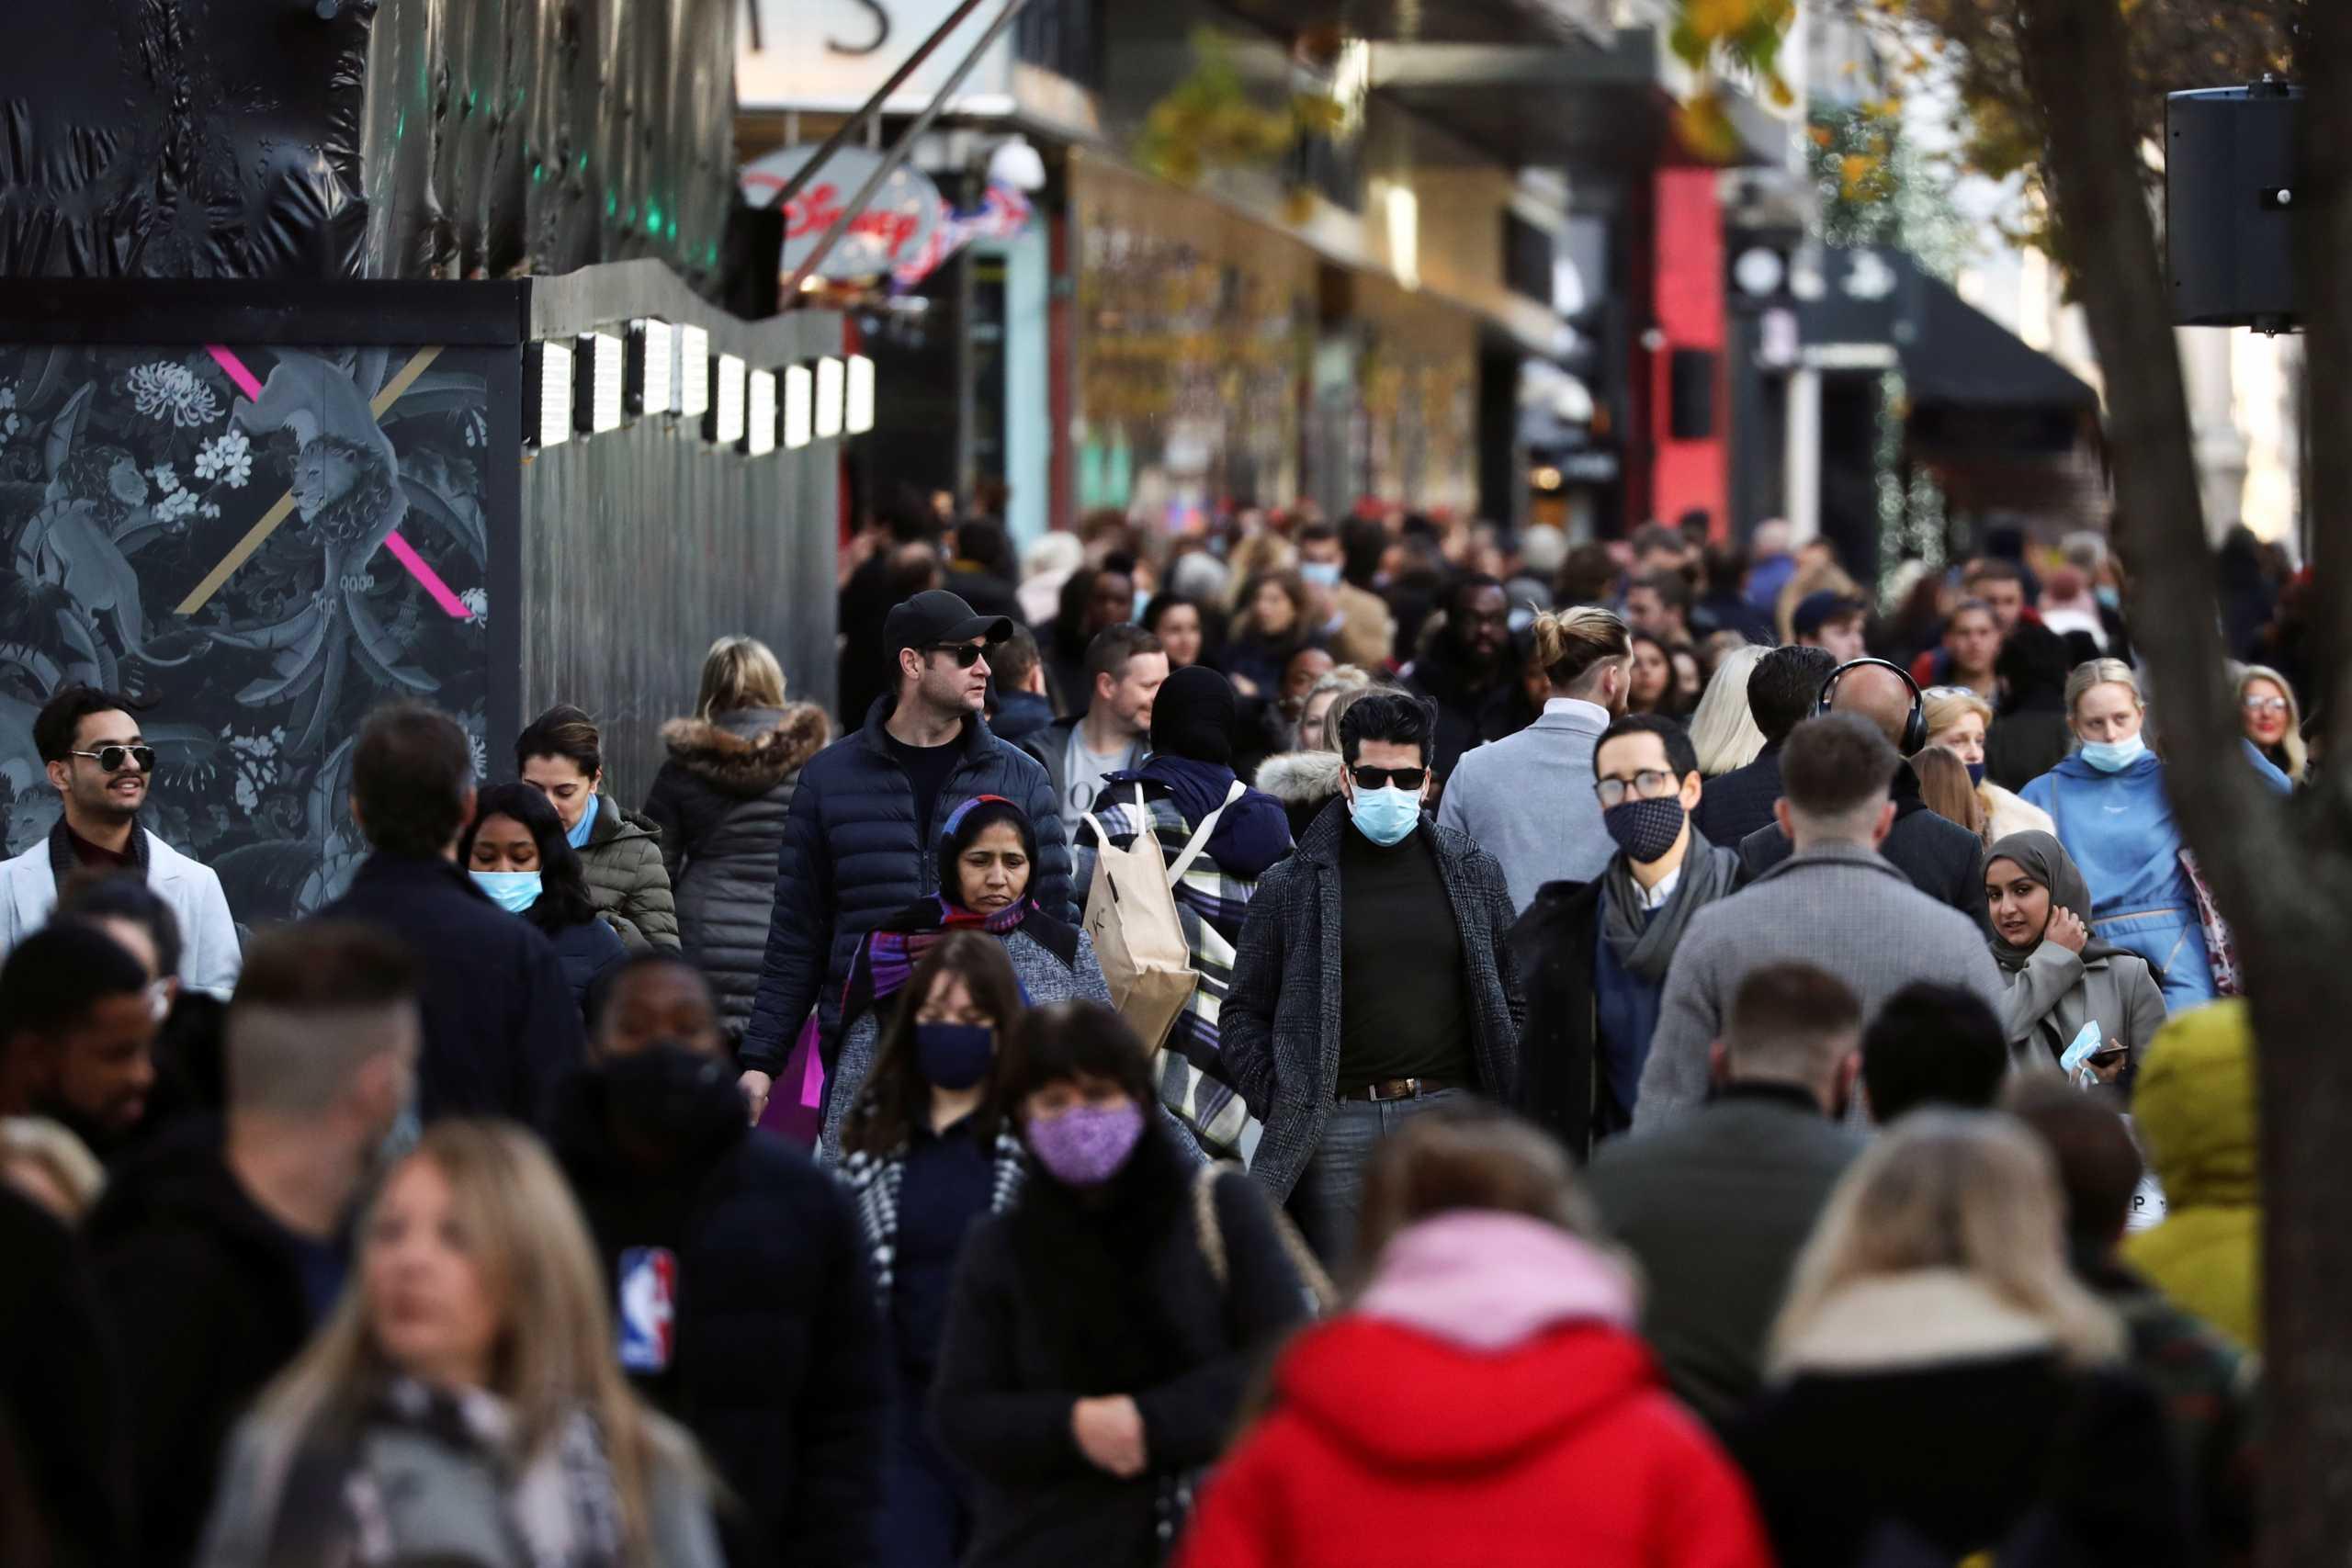 Βρετανία: 964 νεκροί και σχεδόν 56.000 κρούσματα κορονοϊού